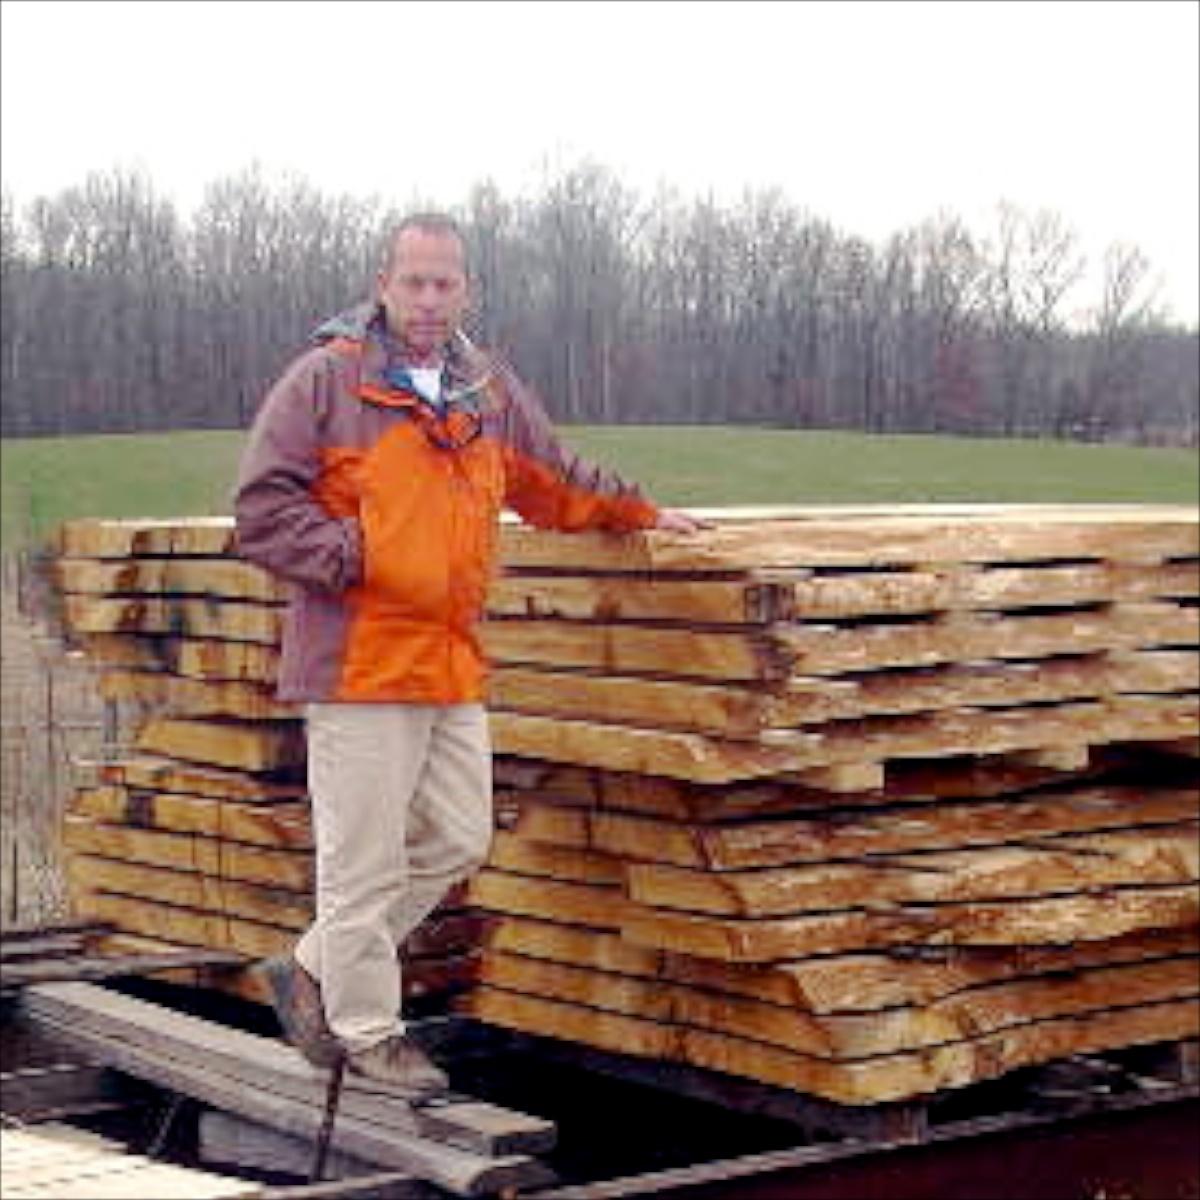 rw-sawmill 4119 copy 2.jpg